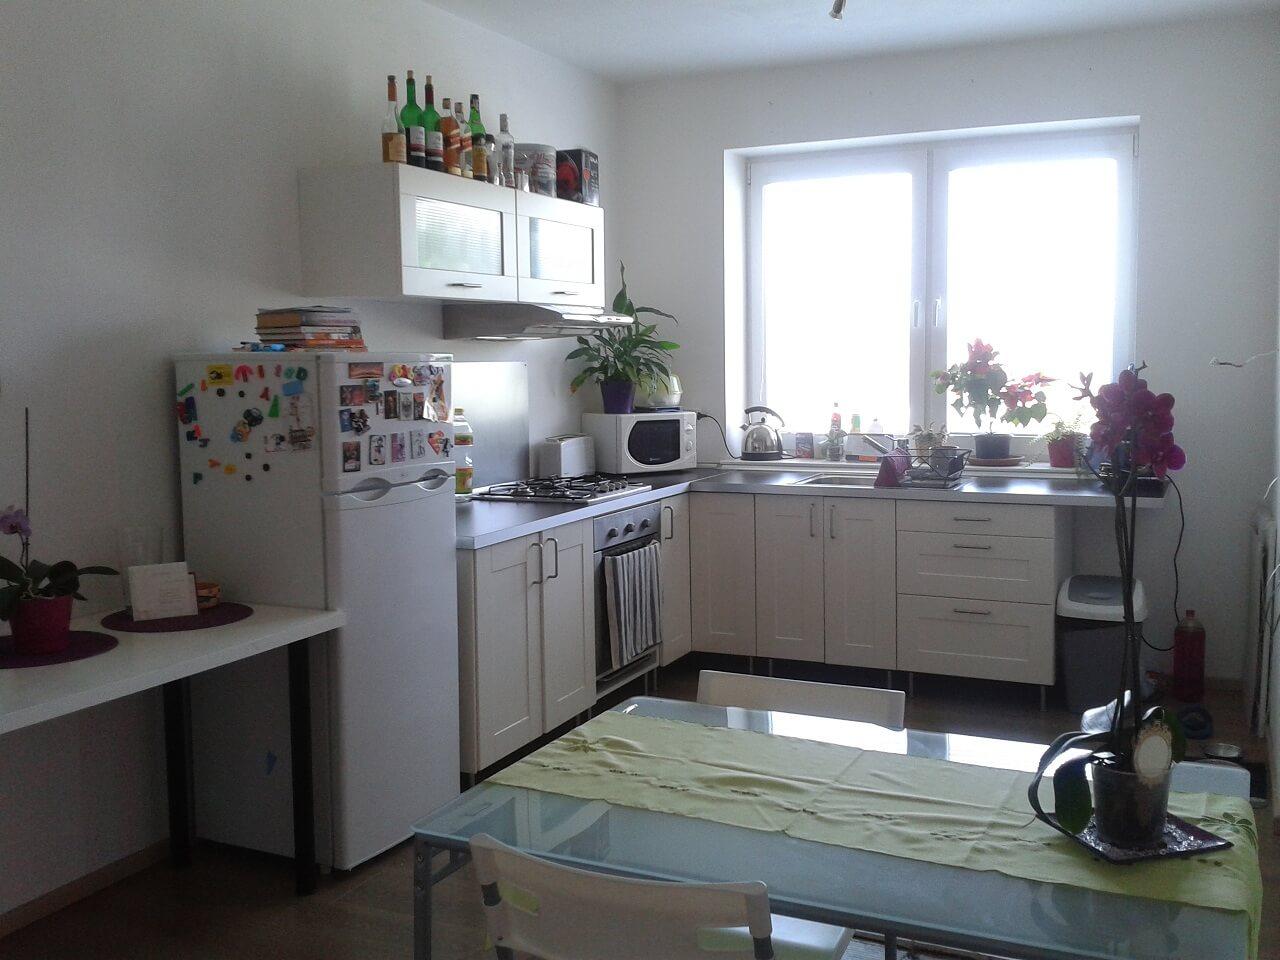 Rezervovaný: Exkluzívne na predaj 3 Izbový byt v novostavbe, 87,2m2, loggia 7,4m2, Družstevná, Hamuliakovo-8